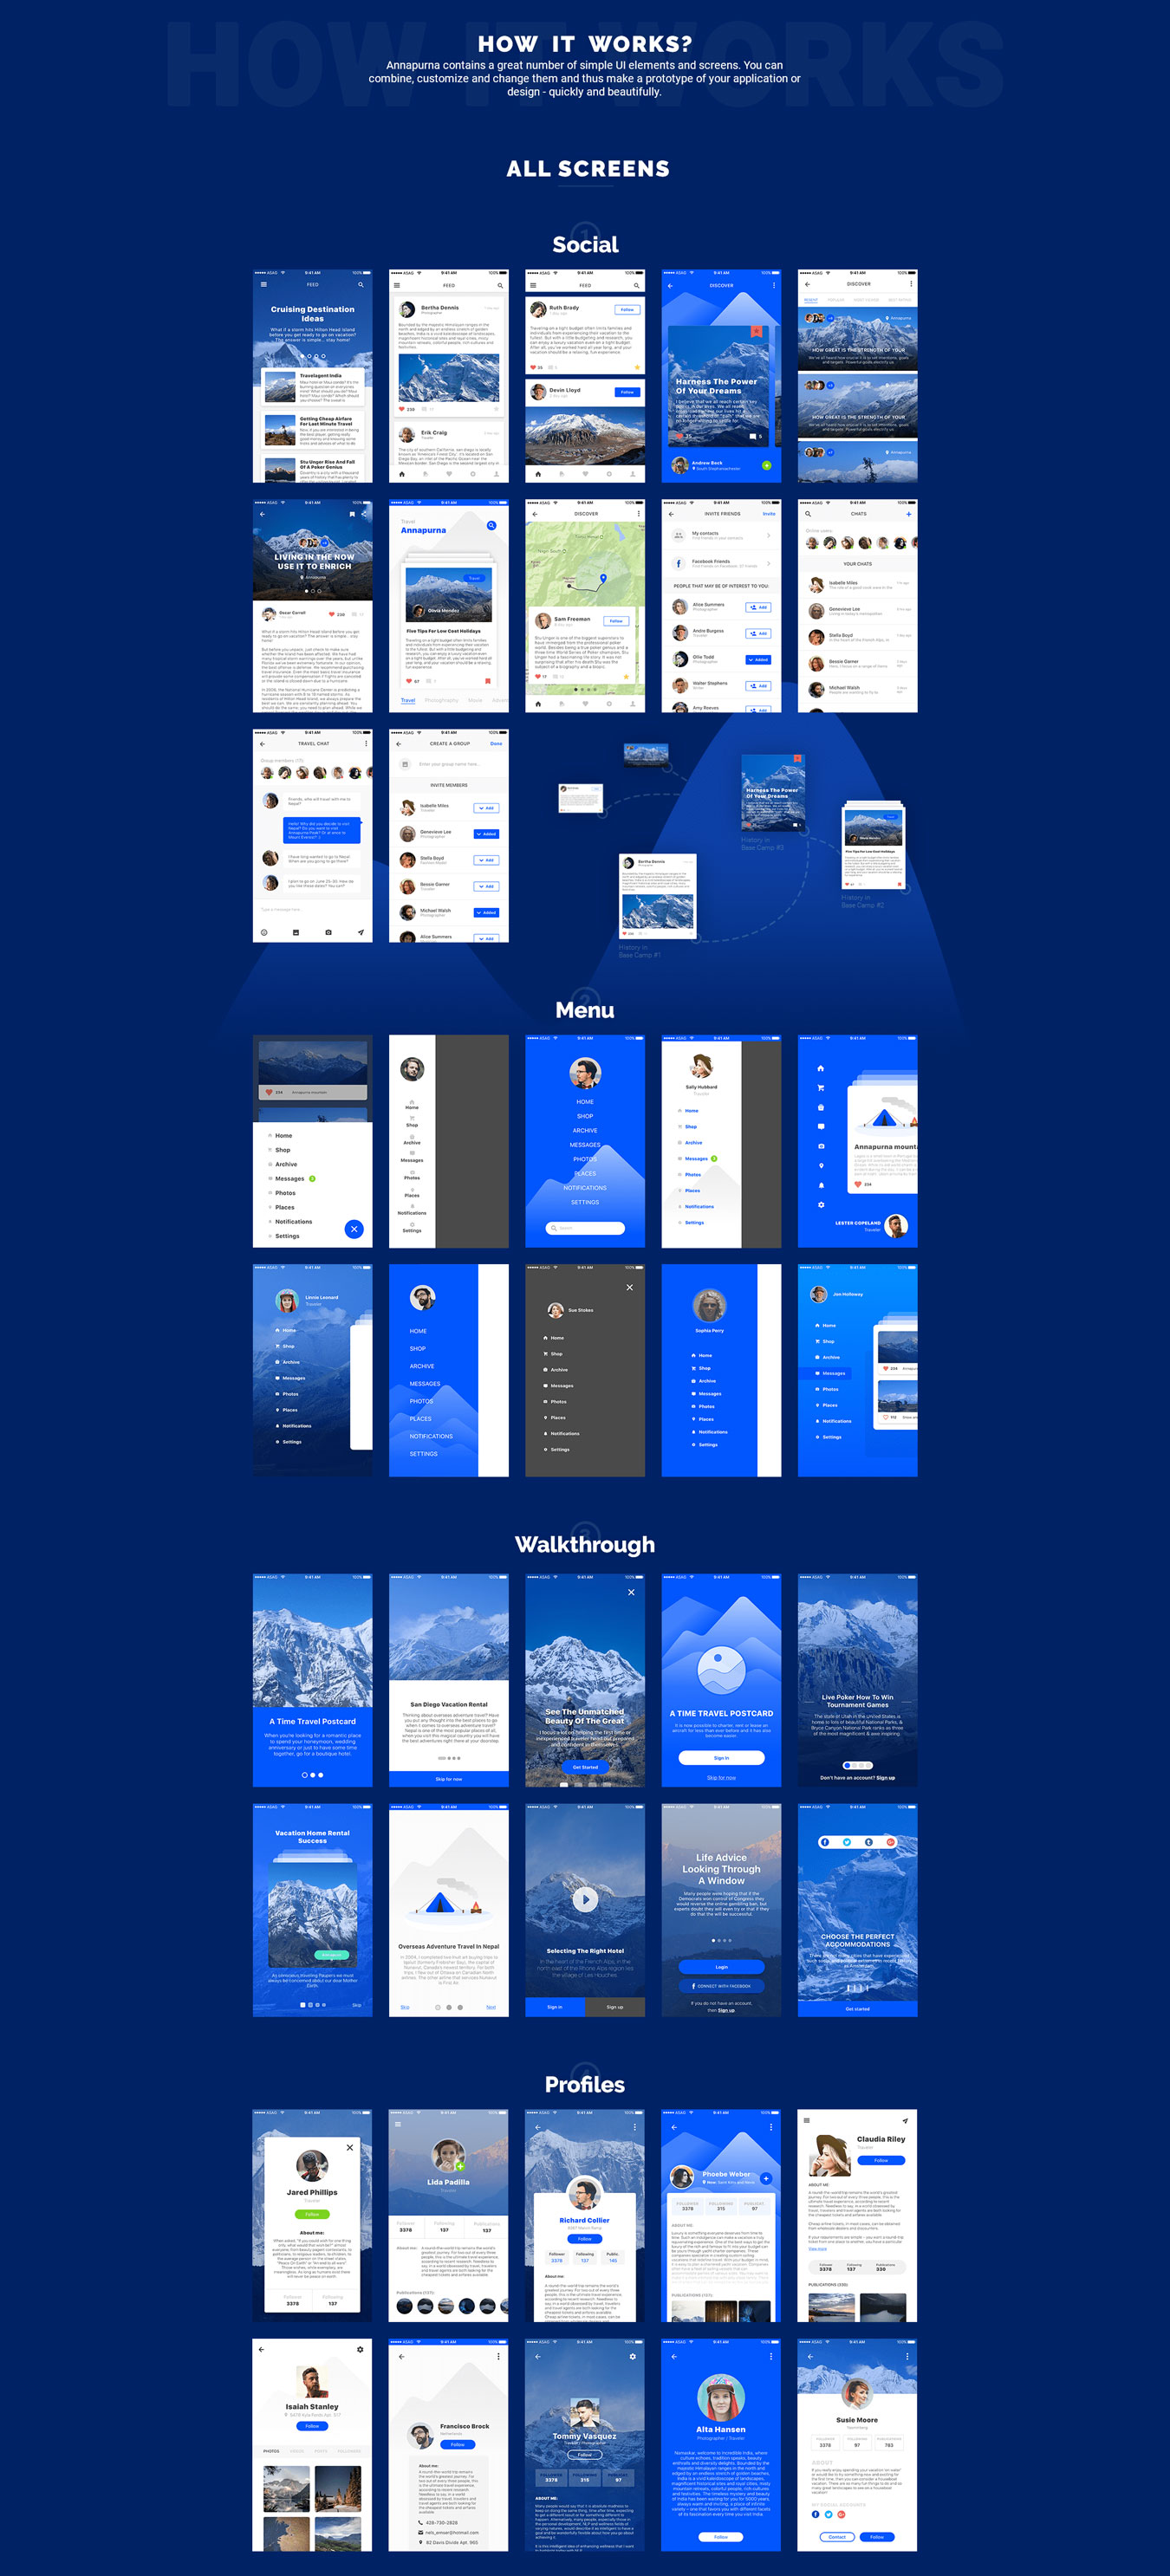 高质量新闻社交应用程序设计APP UI设计模板套件 Annapurna Ui Kit插图(1)